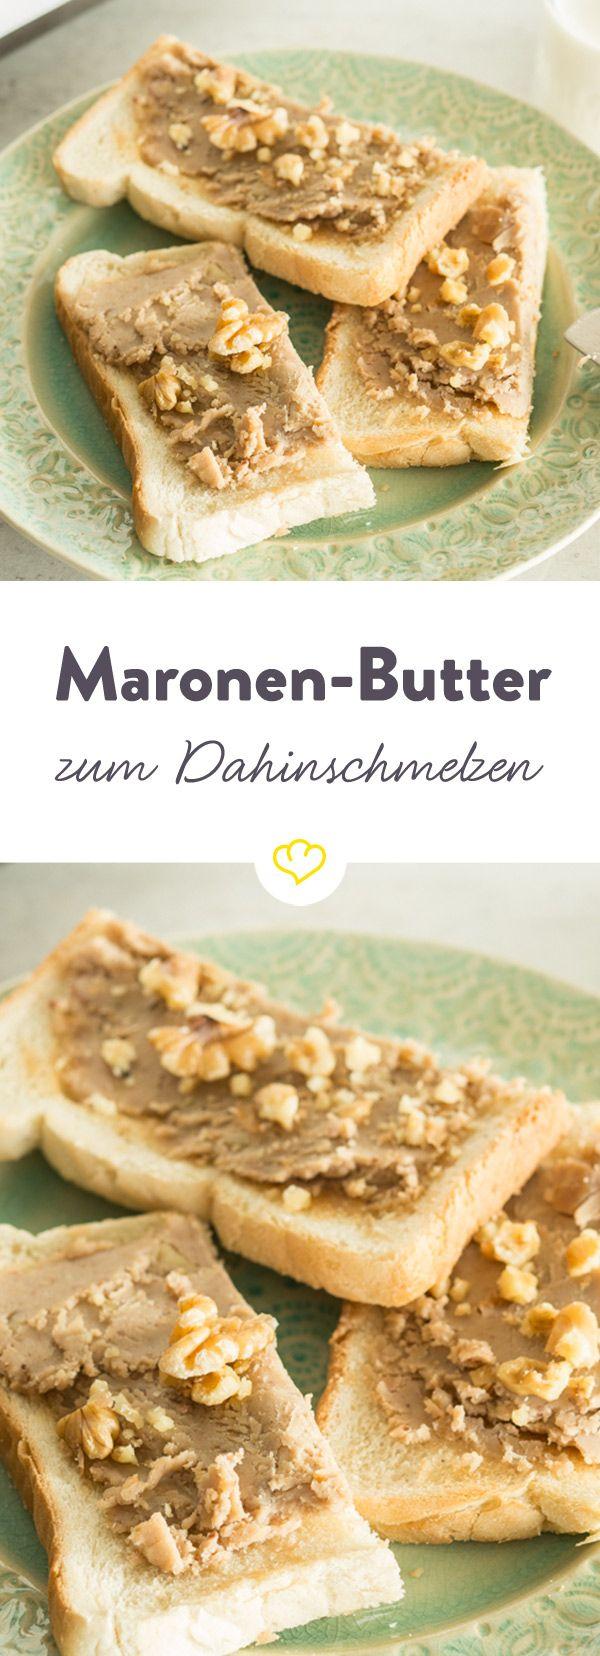 Als Mitbringsel, kleines Geschenk oder ganz für dich alleine – selbstgemachte Maronen-Butter ist zum Dahinschmelzen gut.